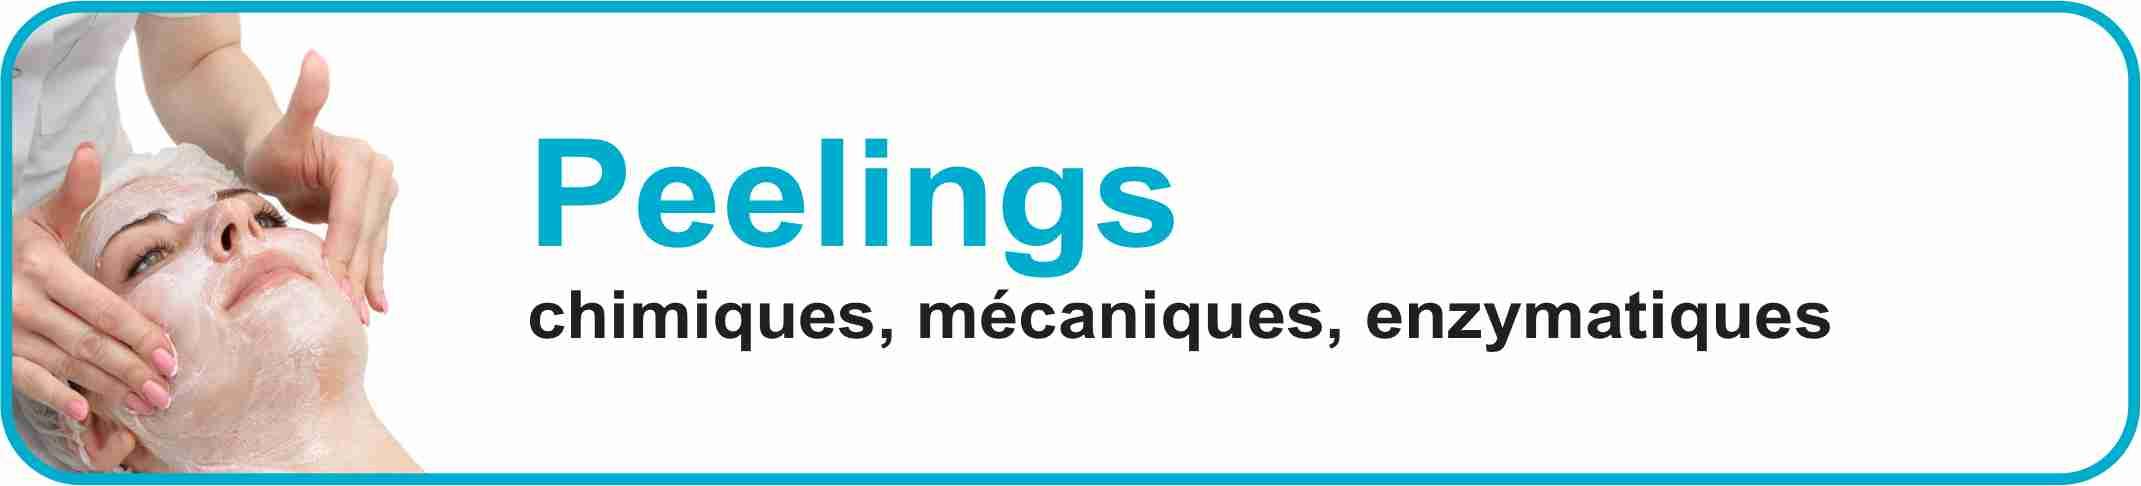 Peelings chimiques, mécaniques, enzymatiques